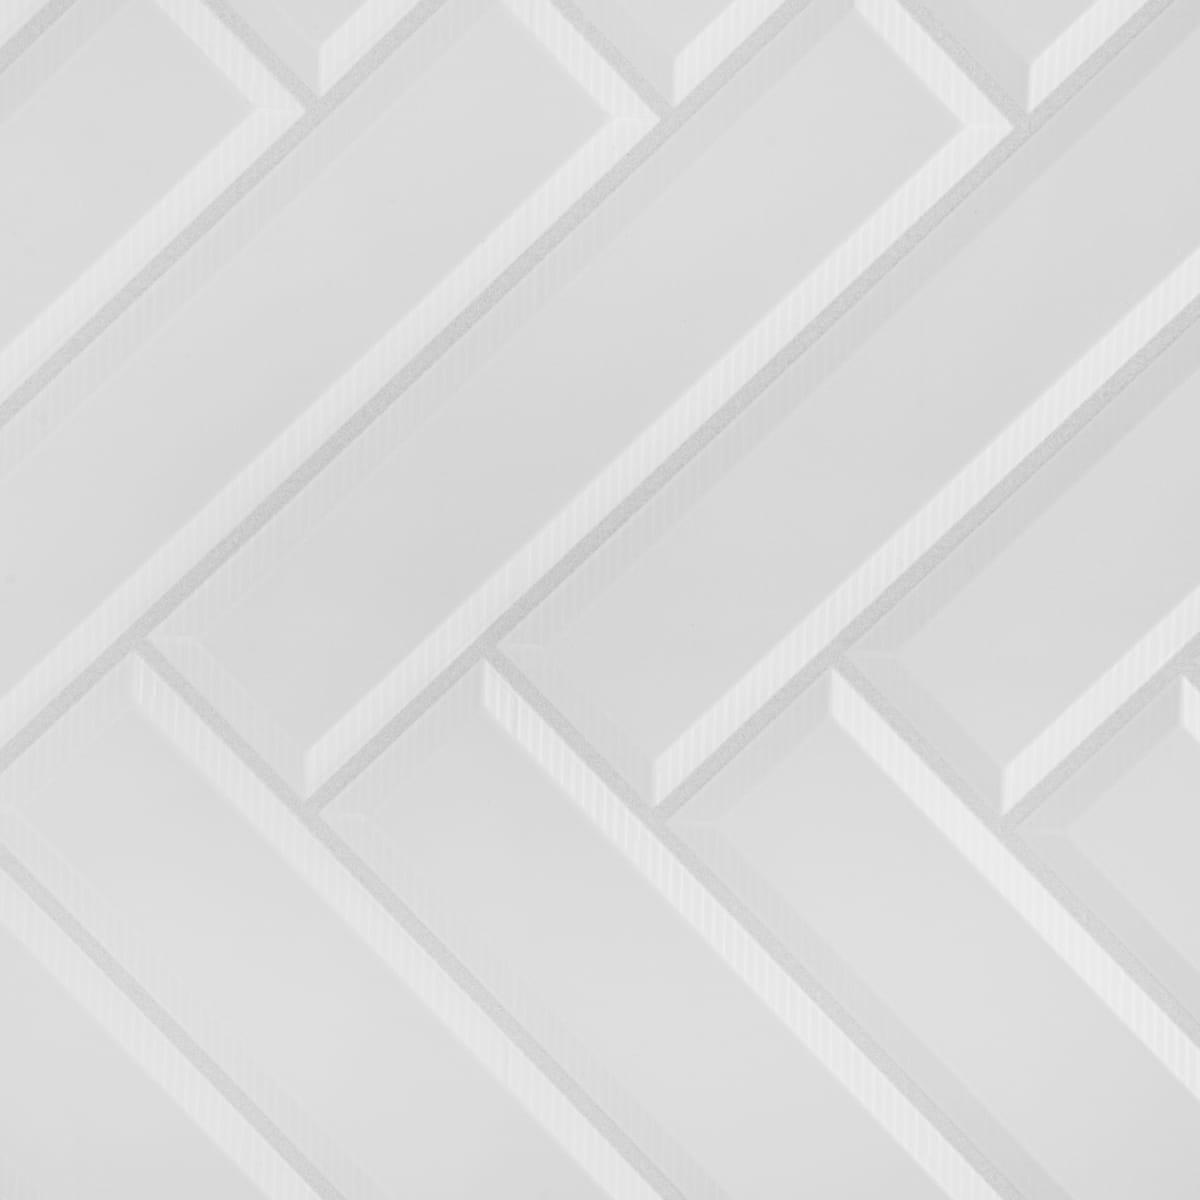 Панель ПВХ листовая 3 мм 960х485 мм Сноу 0.47 м²